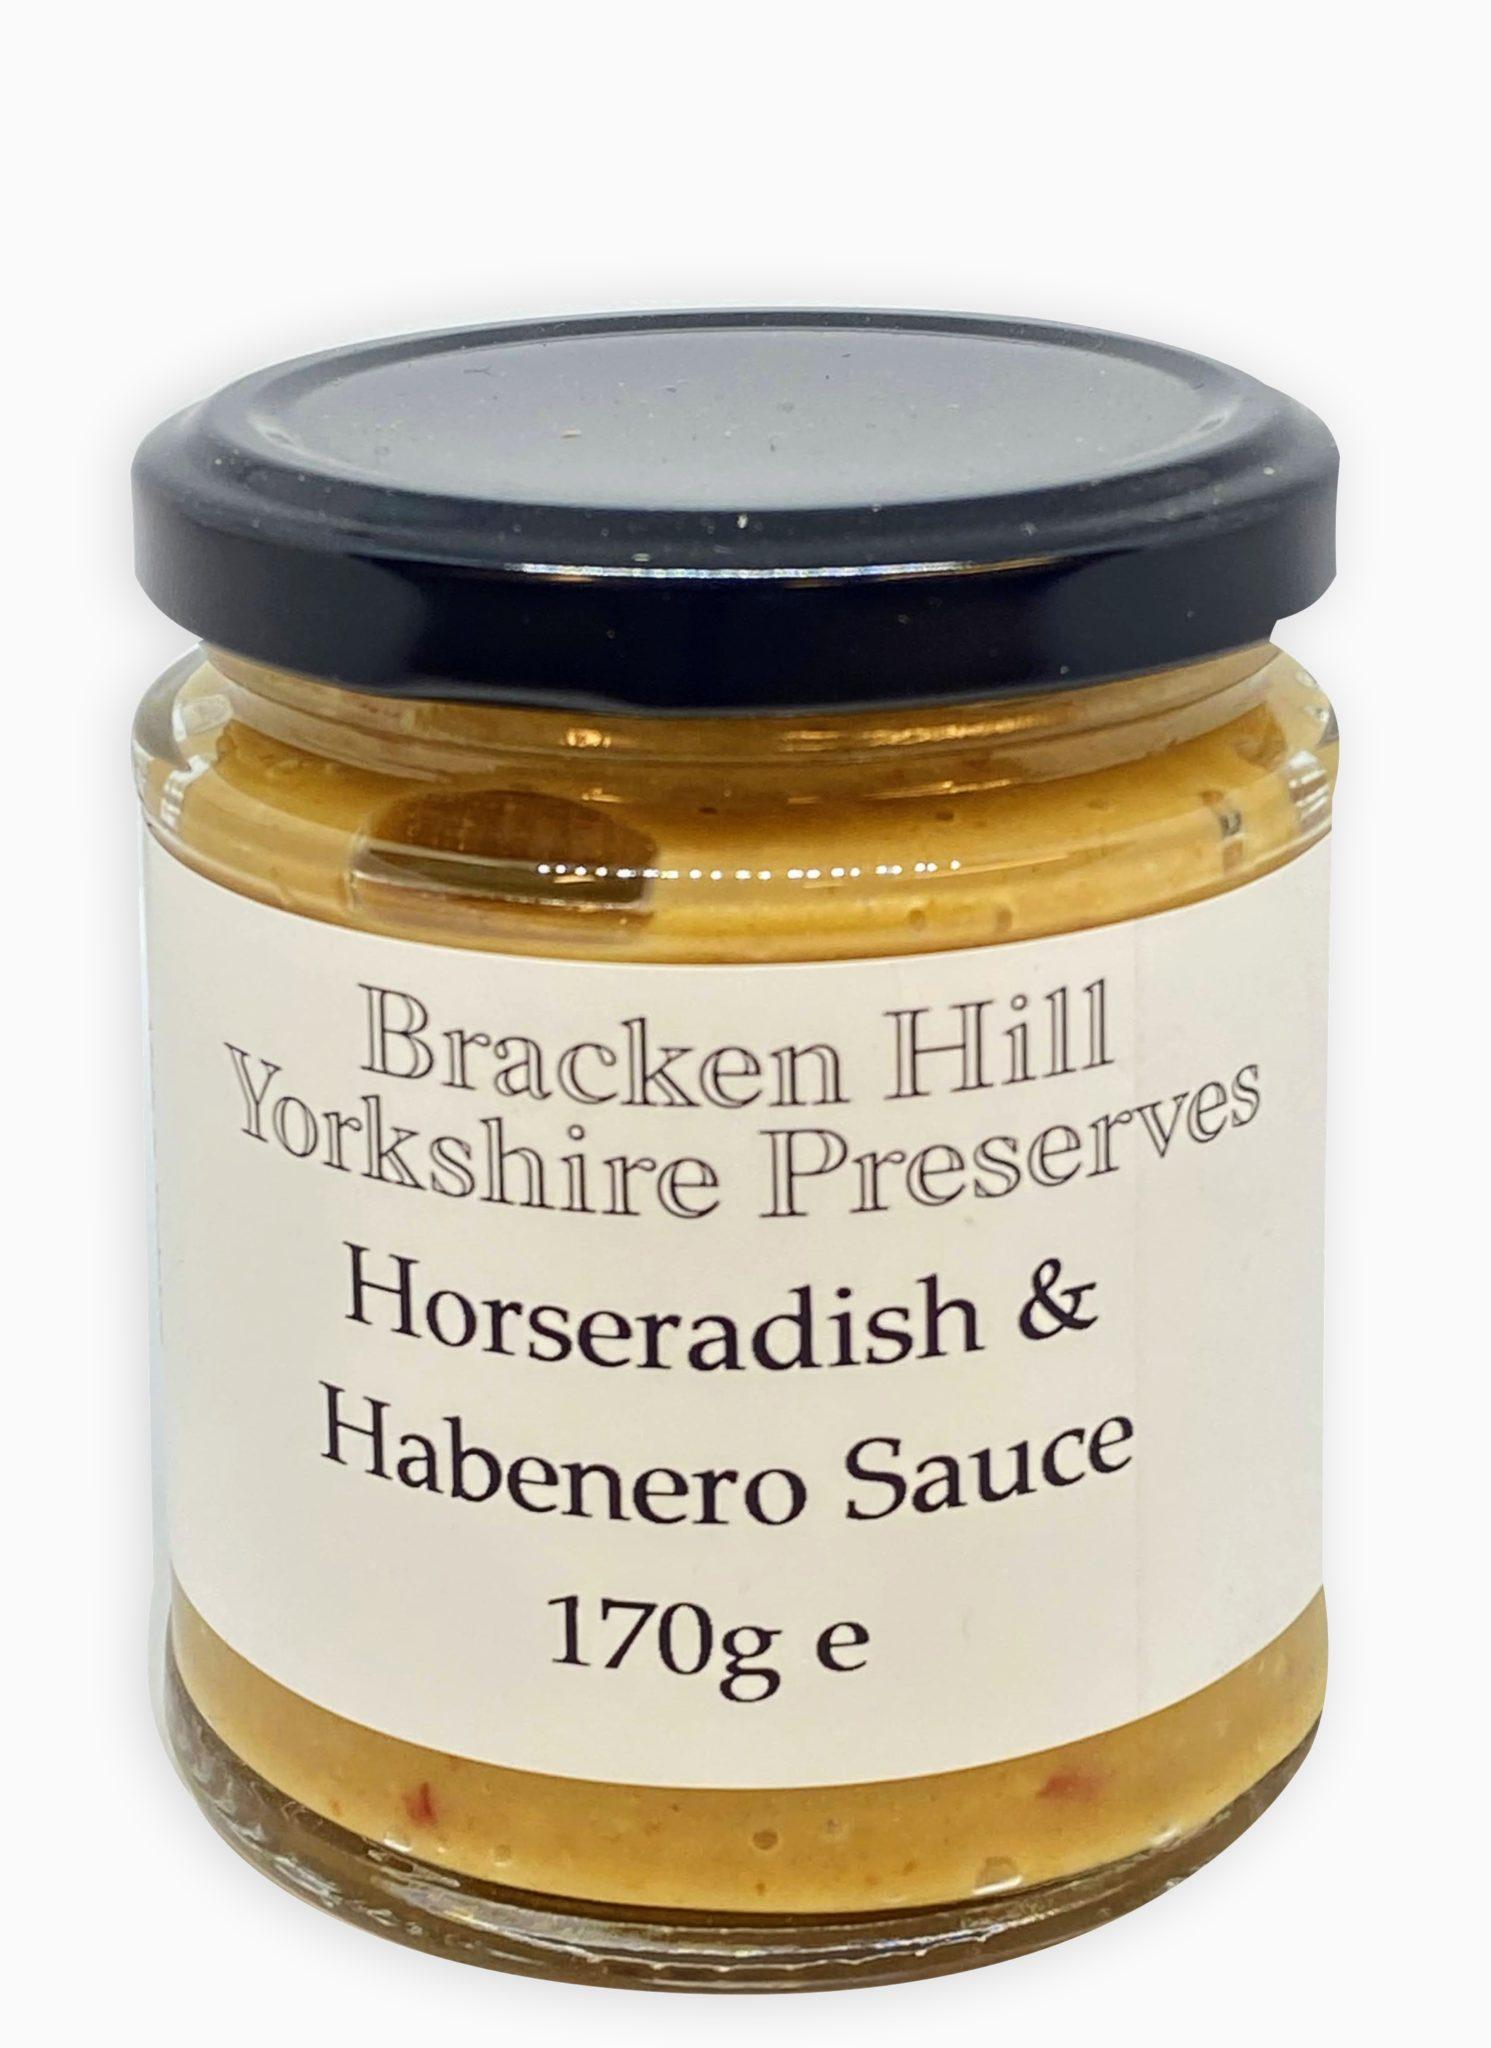 Horseradish and Habanero Sauce